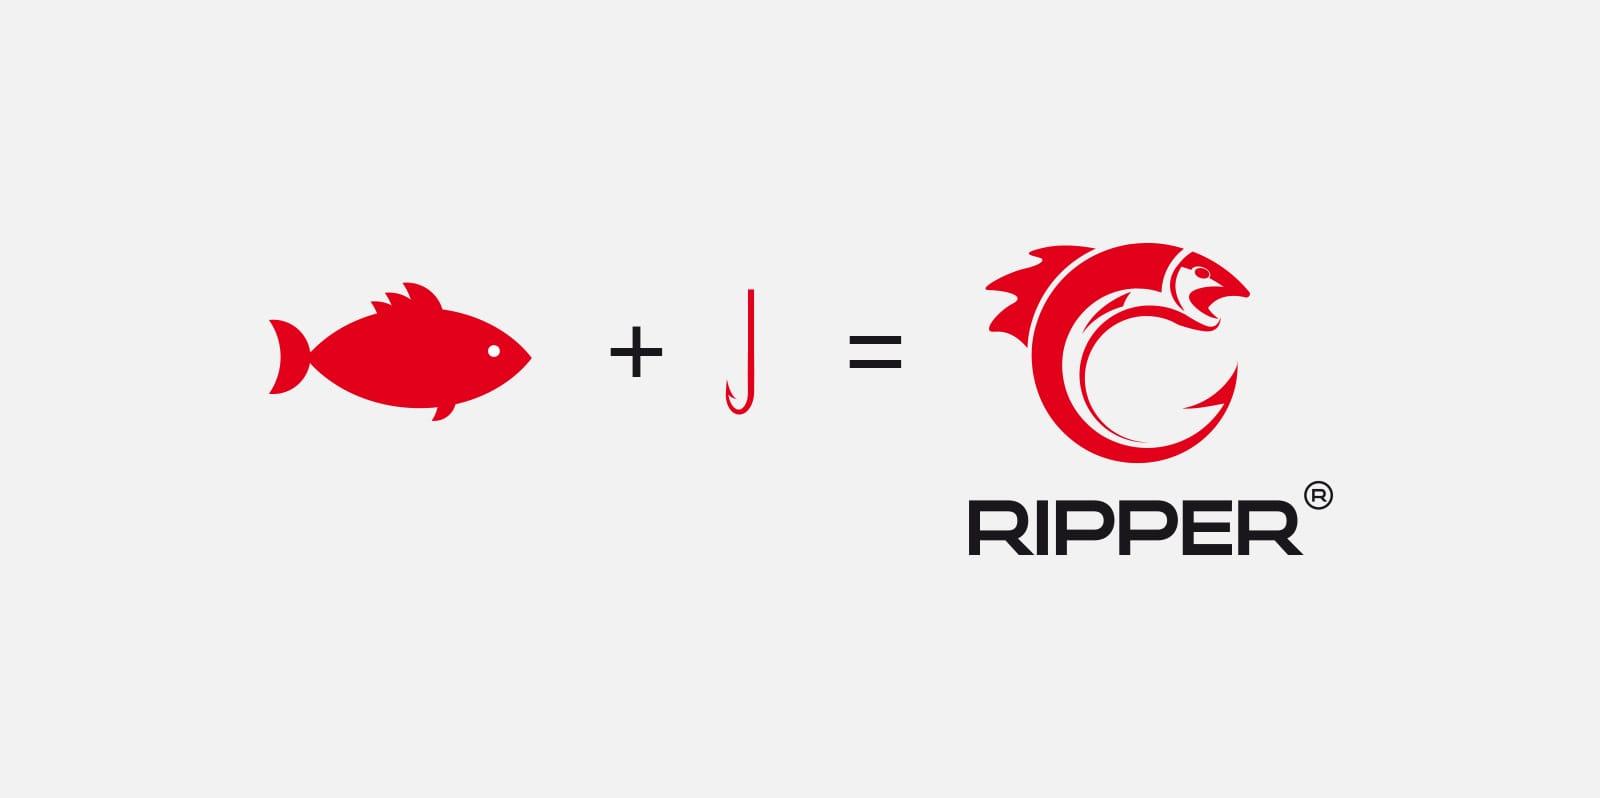 Ripper projektowanie logo marki odzieżowej Agencja brandingowa Moweli Creative